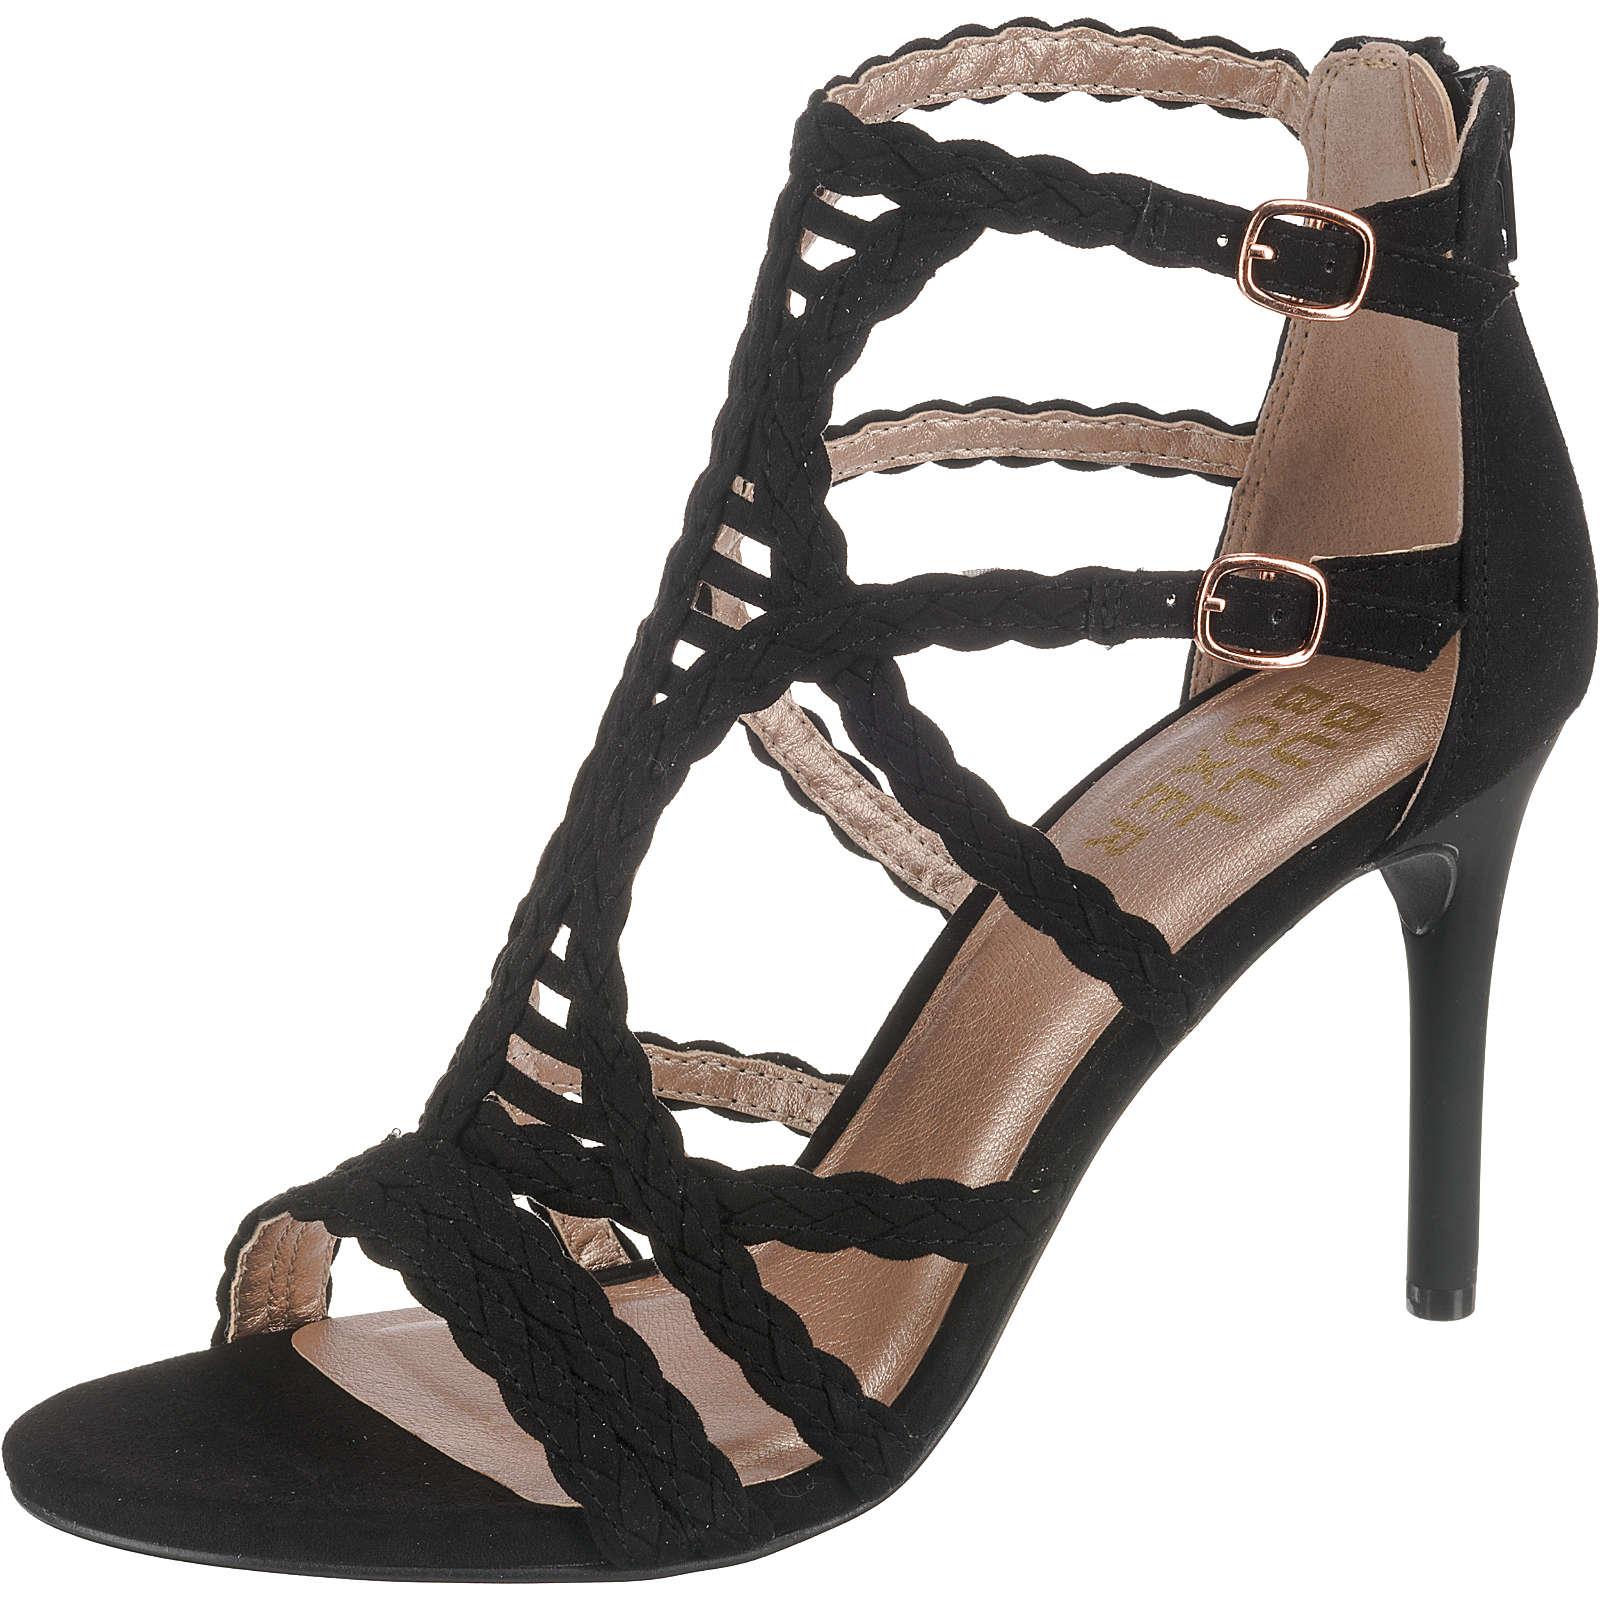 BULLBOXER T-Steg-Sandaletten schwarz Damen Gr. 36